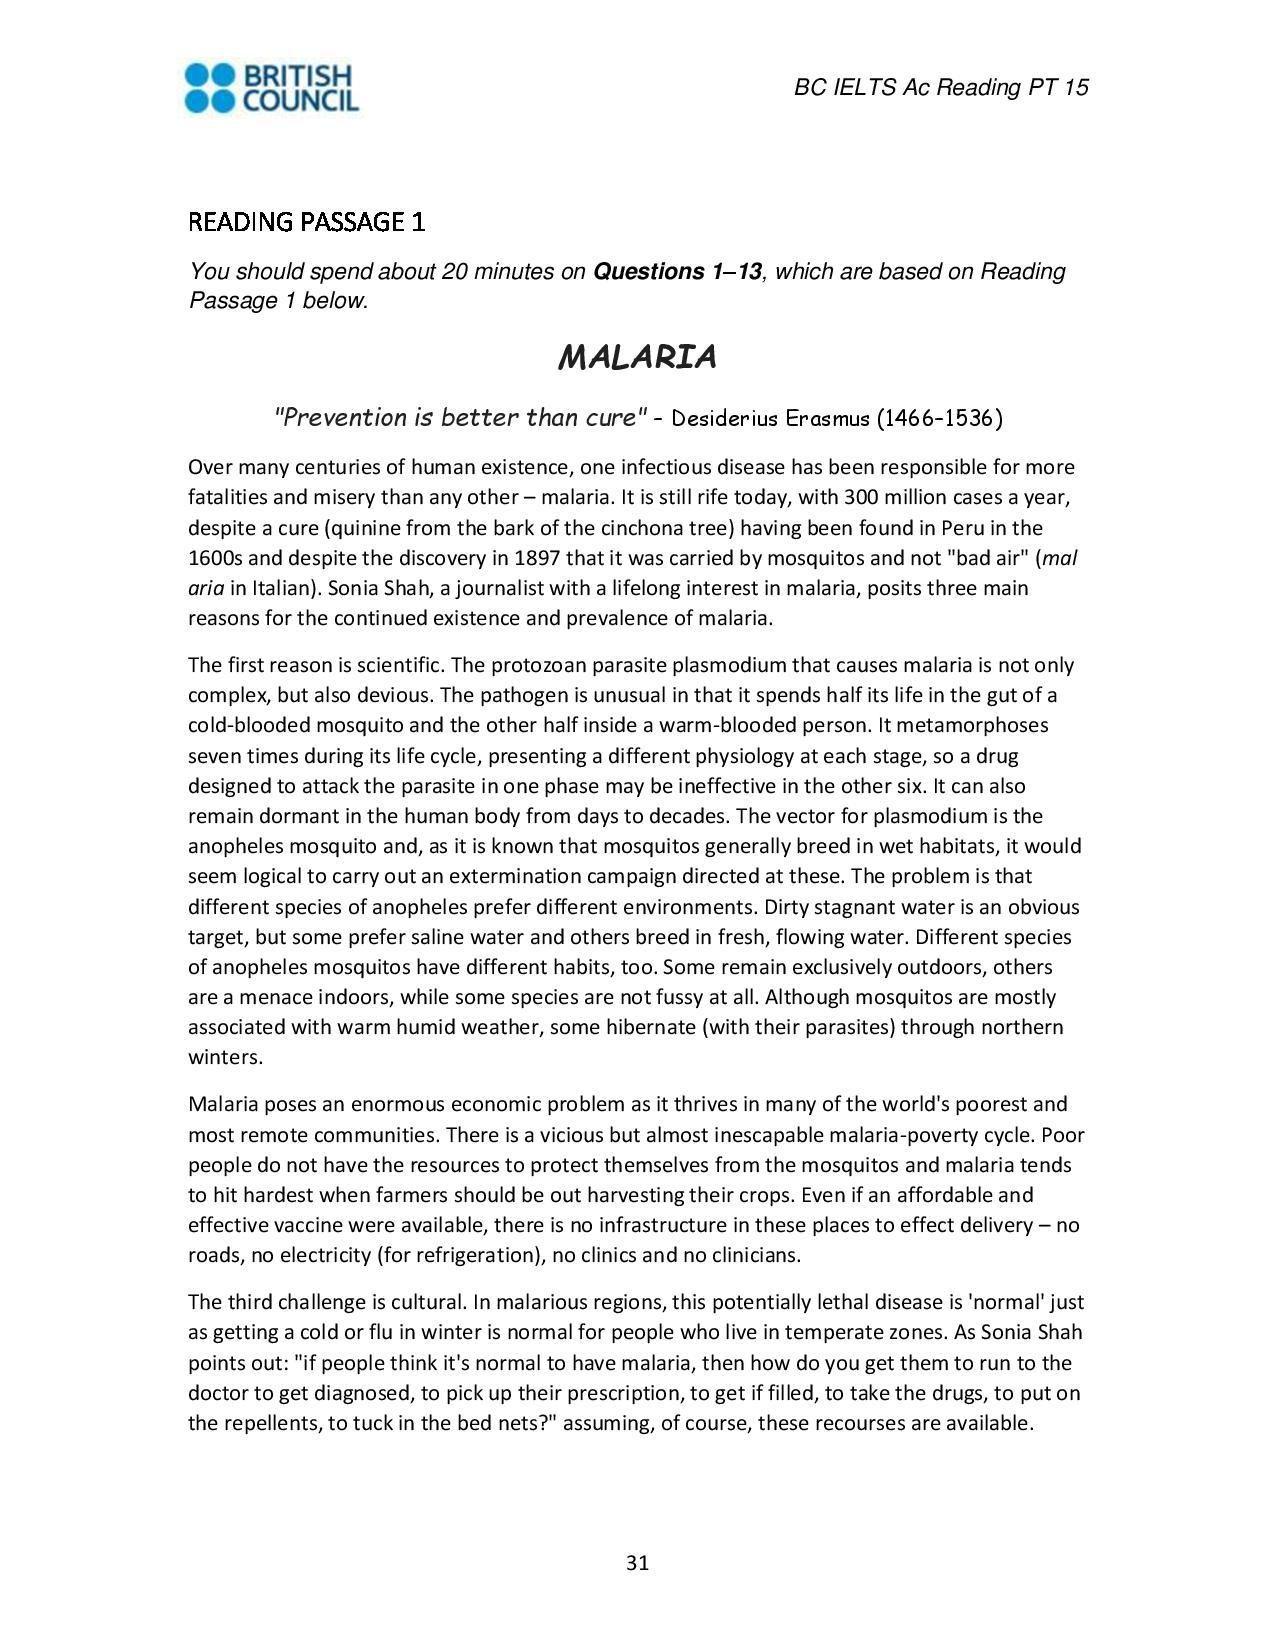 Ielts Reading Practice Ielts Reading Practice Free Học Tập Ielts reading comprehension worksheets